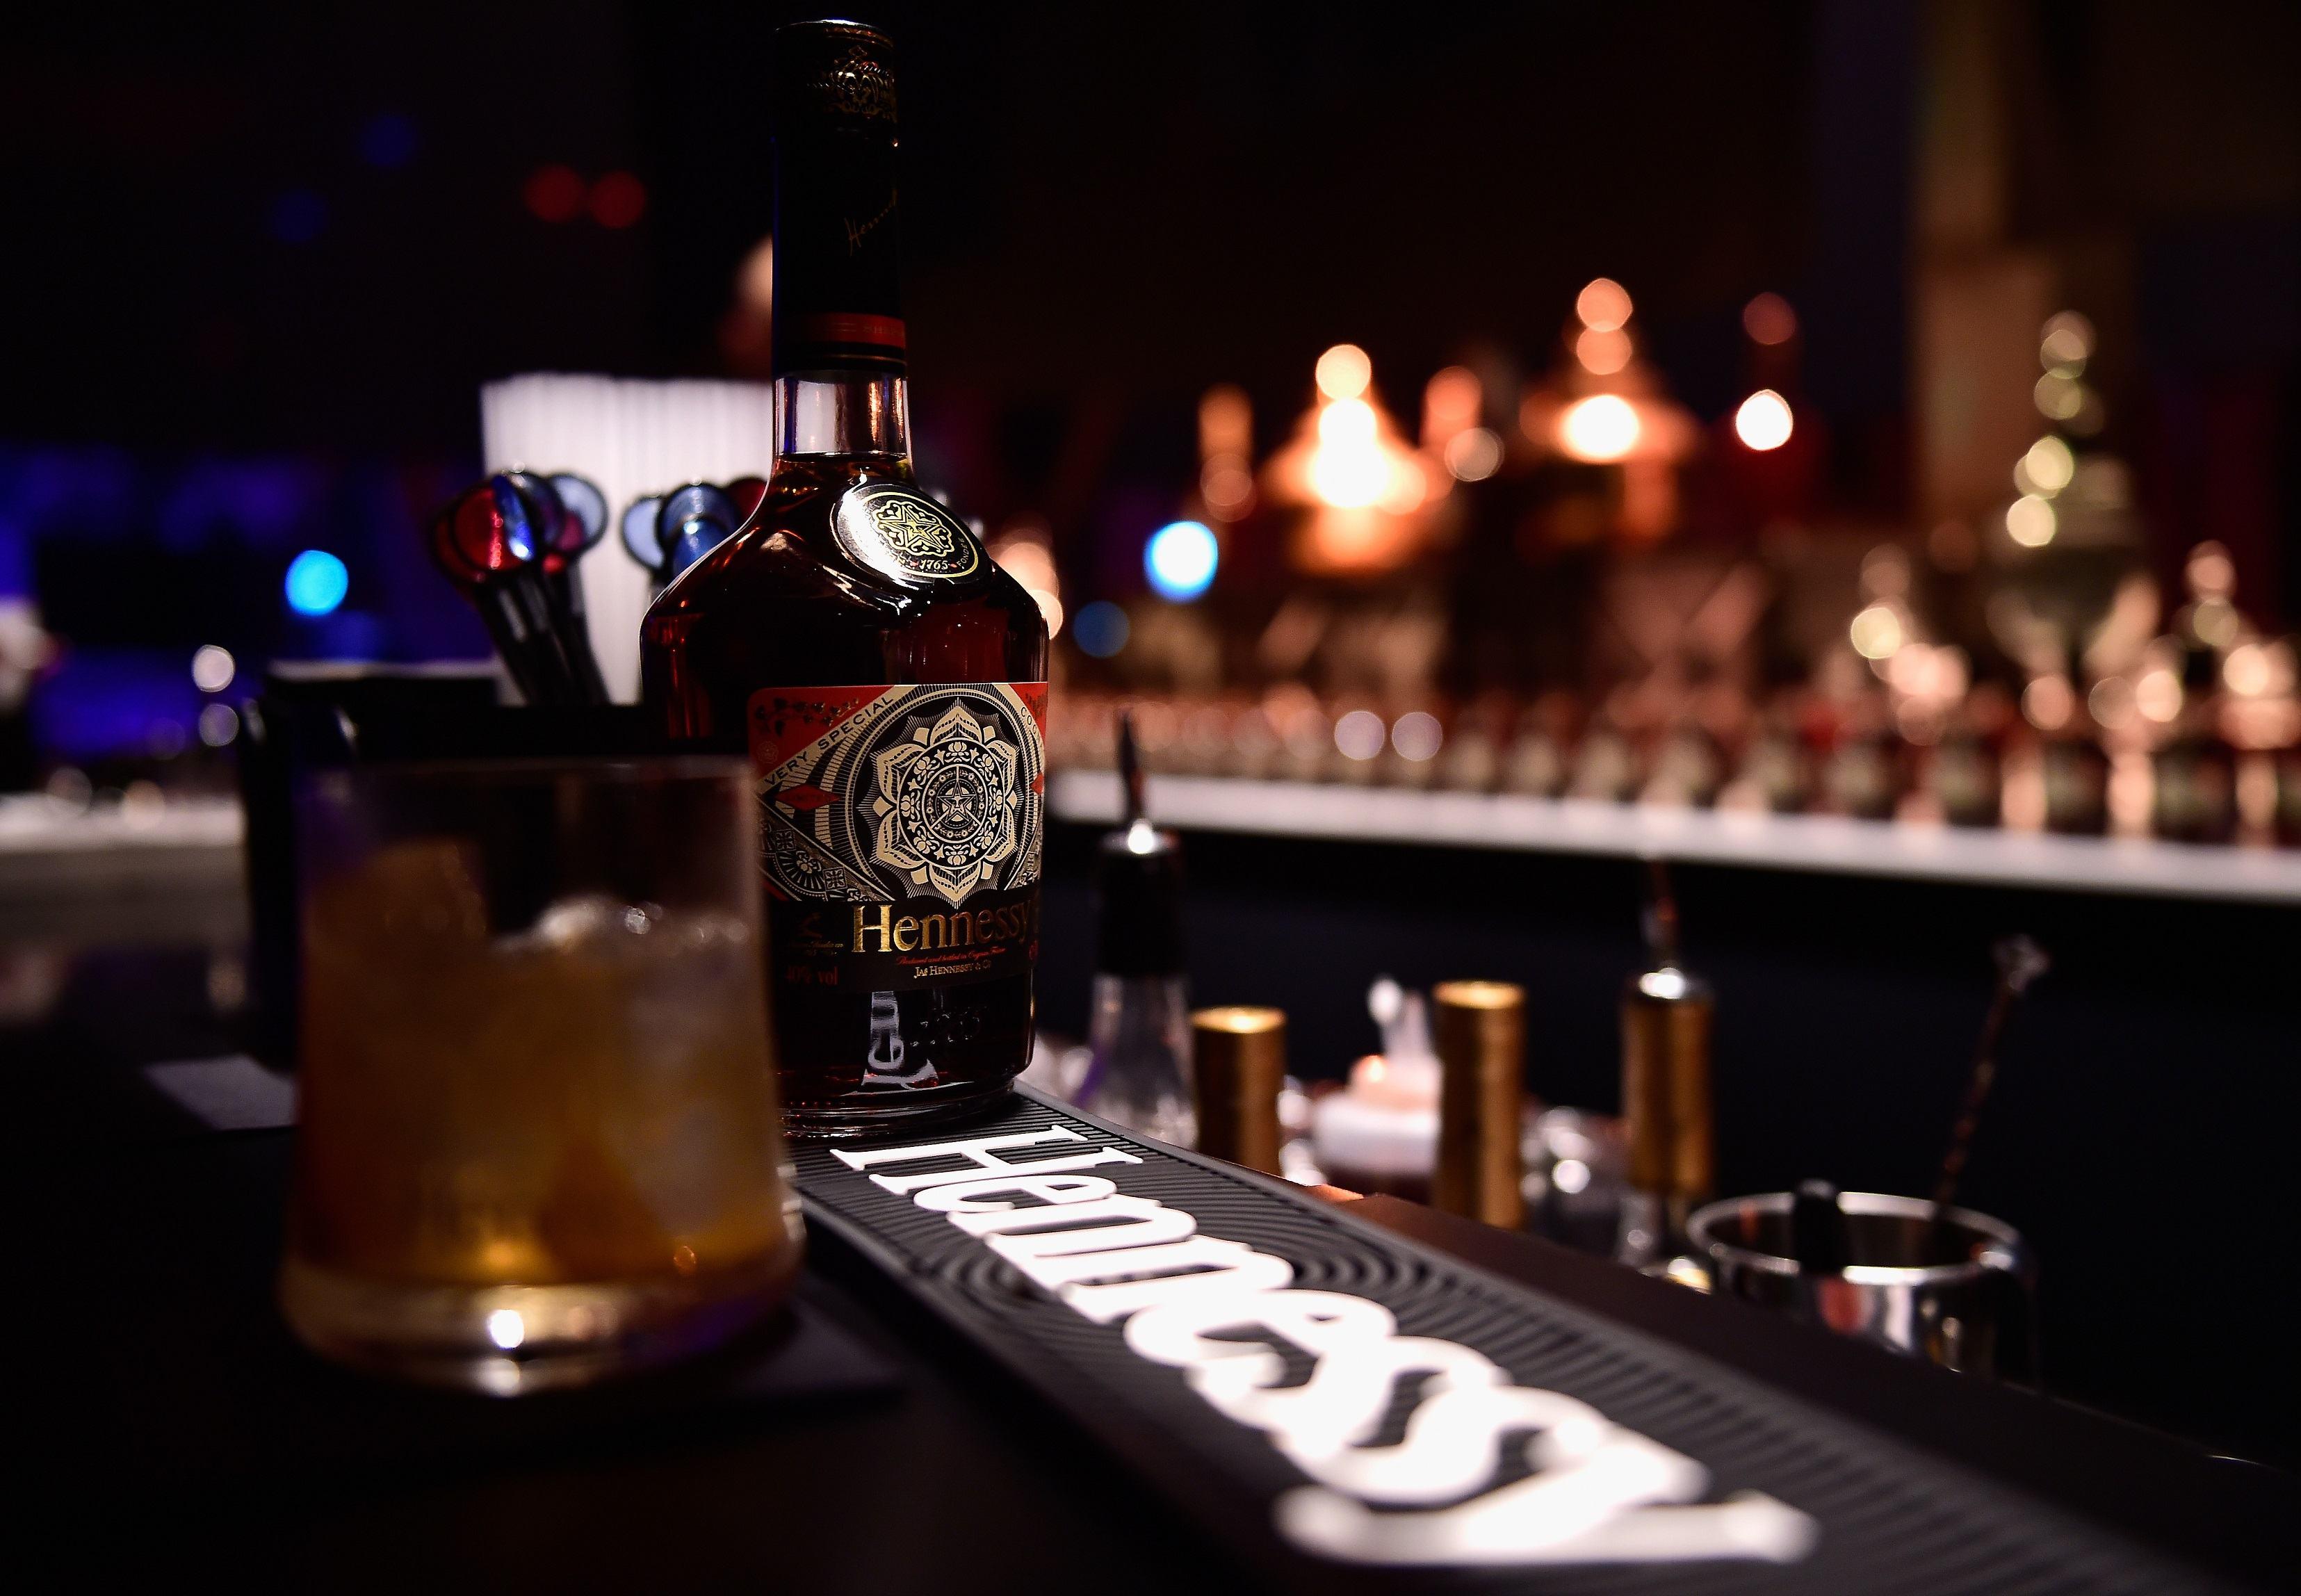 Hennessy